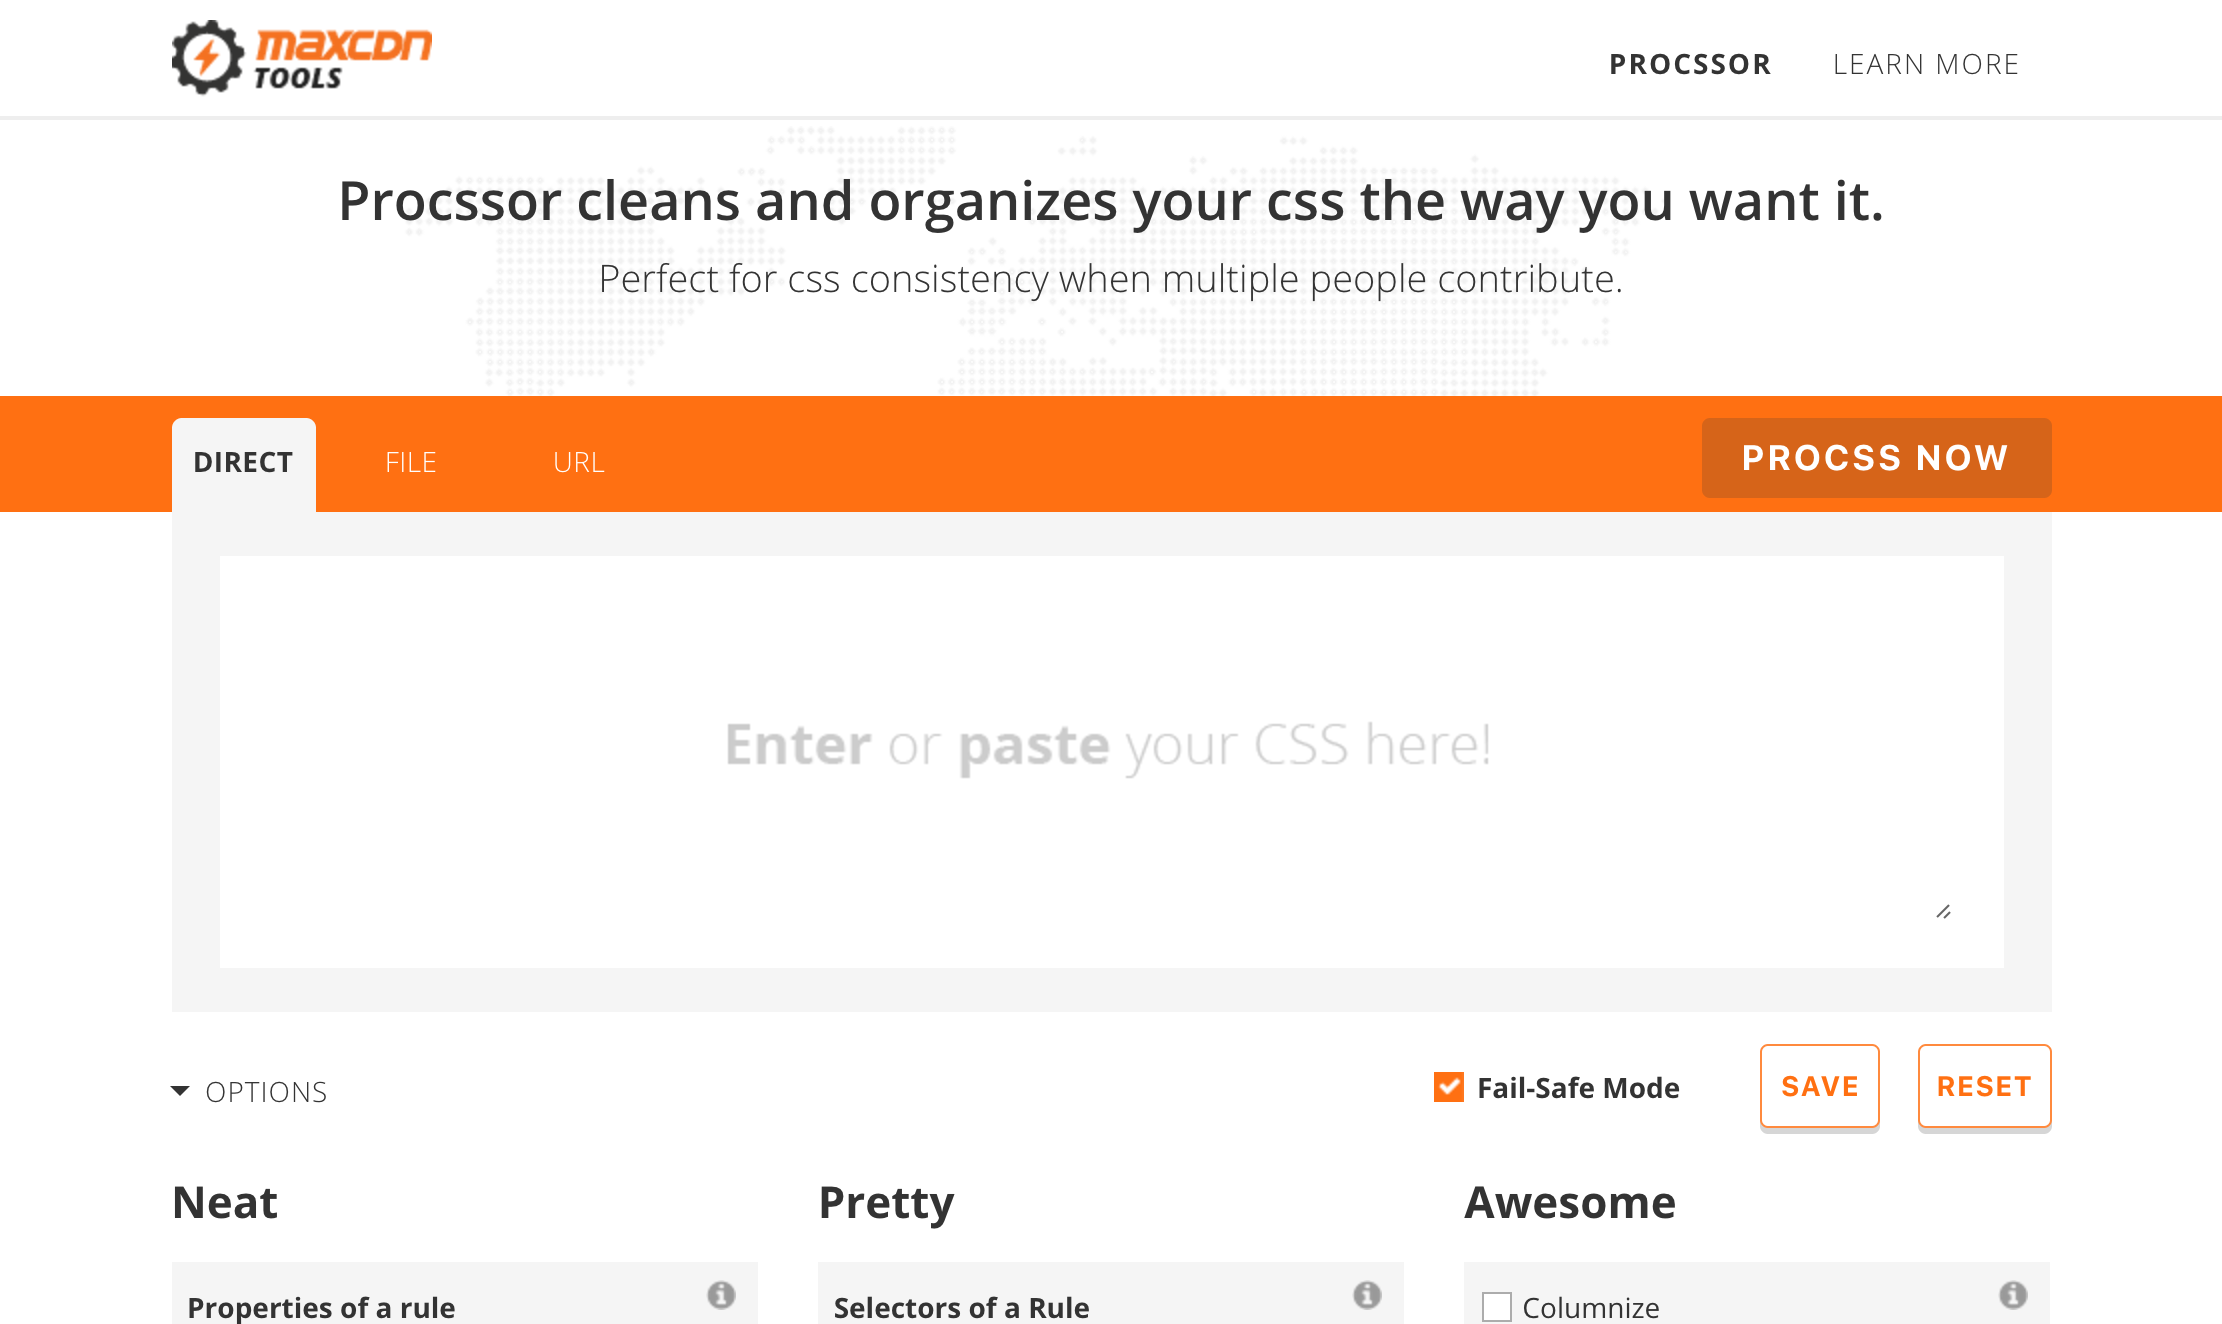 maxcdn-tools-procssor-advanced-css-prettifier